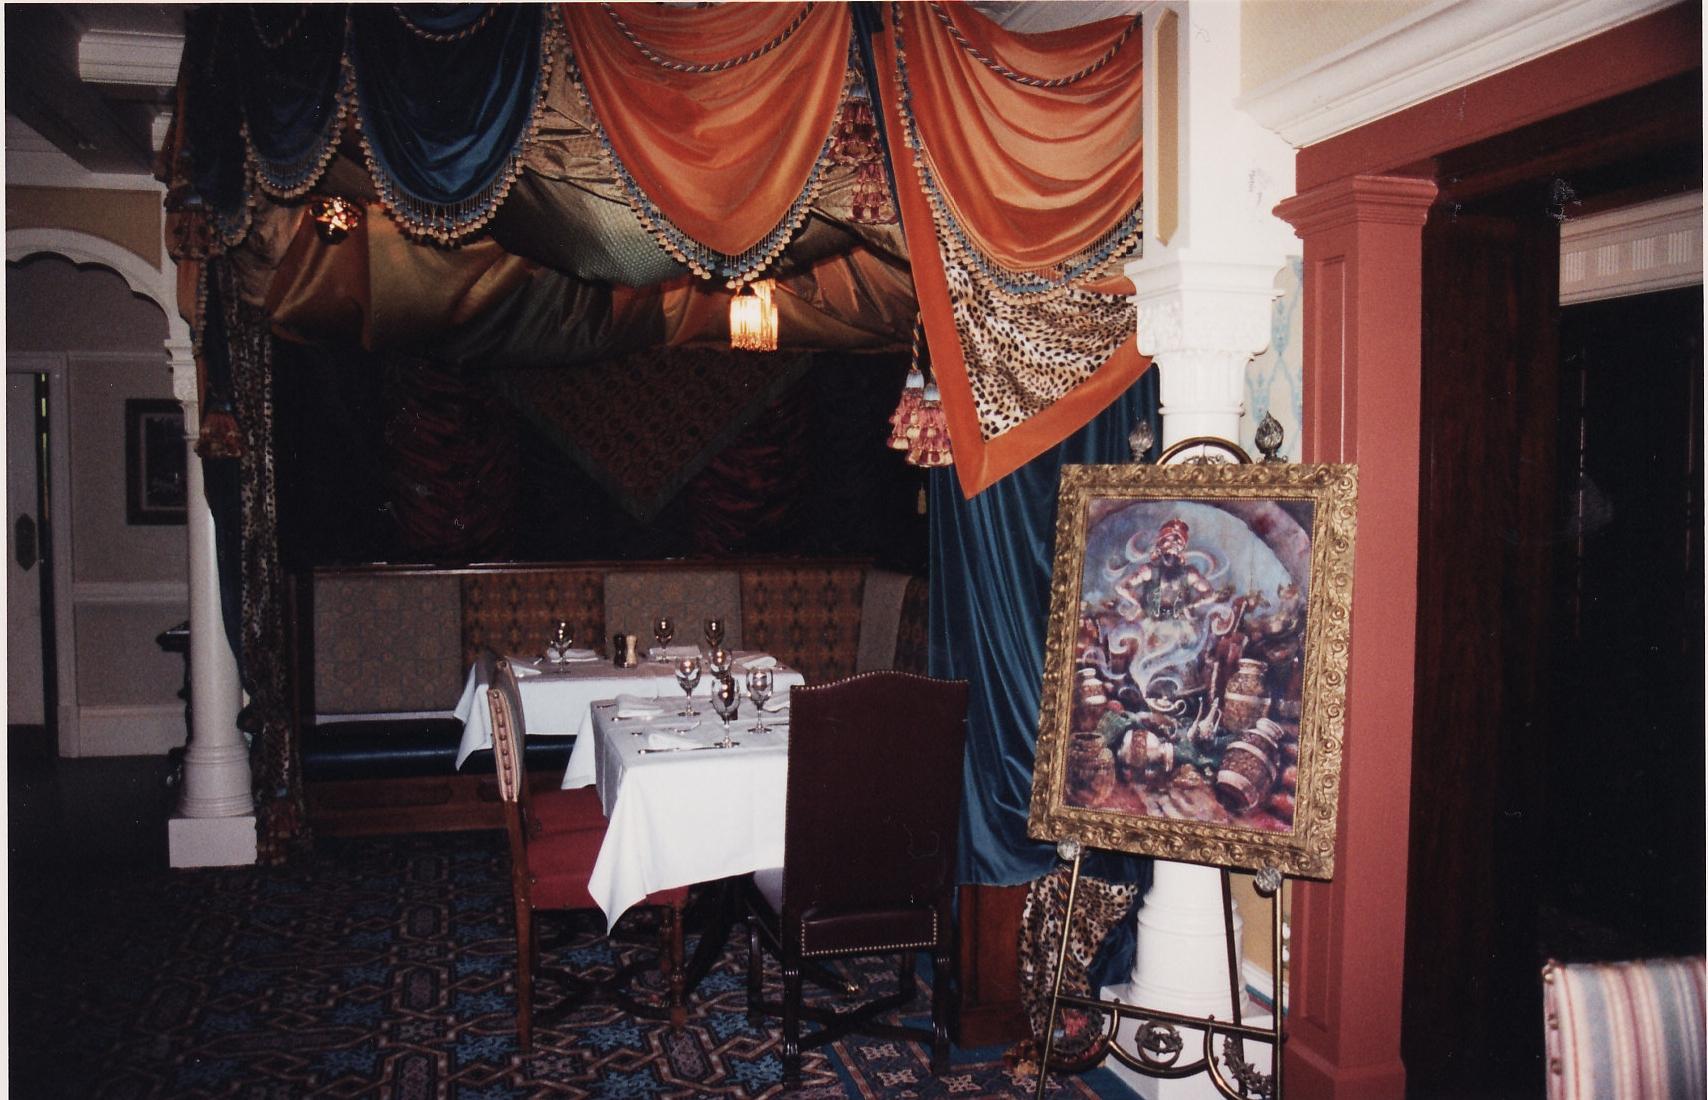 (Histoire) Lilly's Boutique a remplacé une salle du Walt's - An American Restaurant - Page 2 153948L151